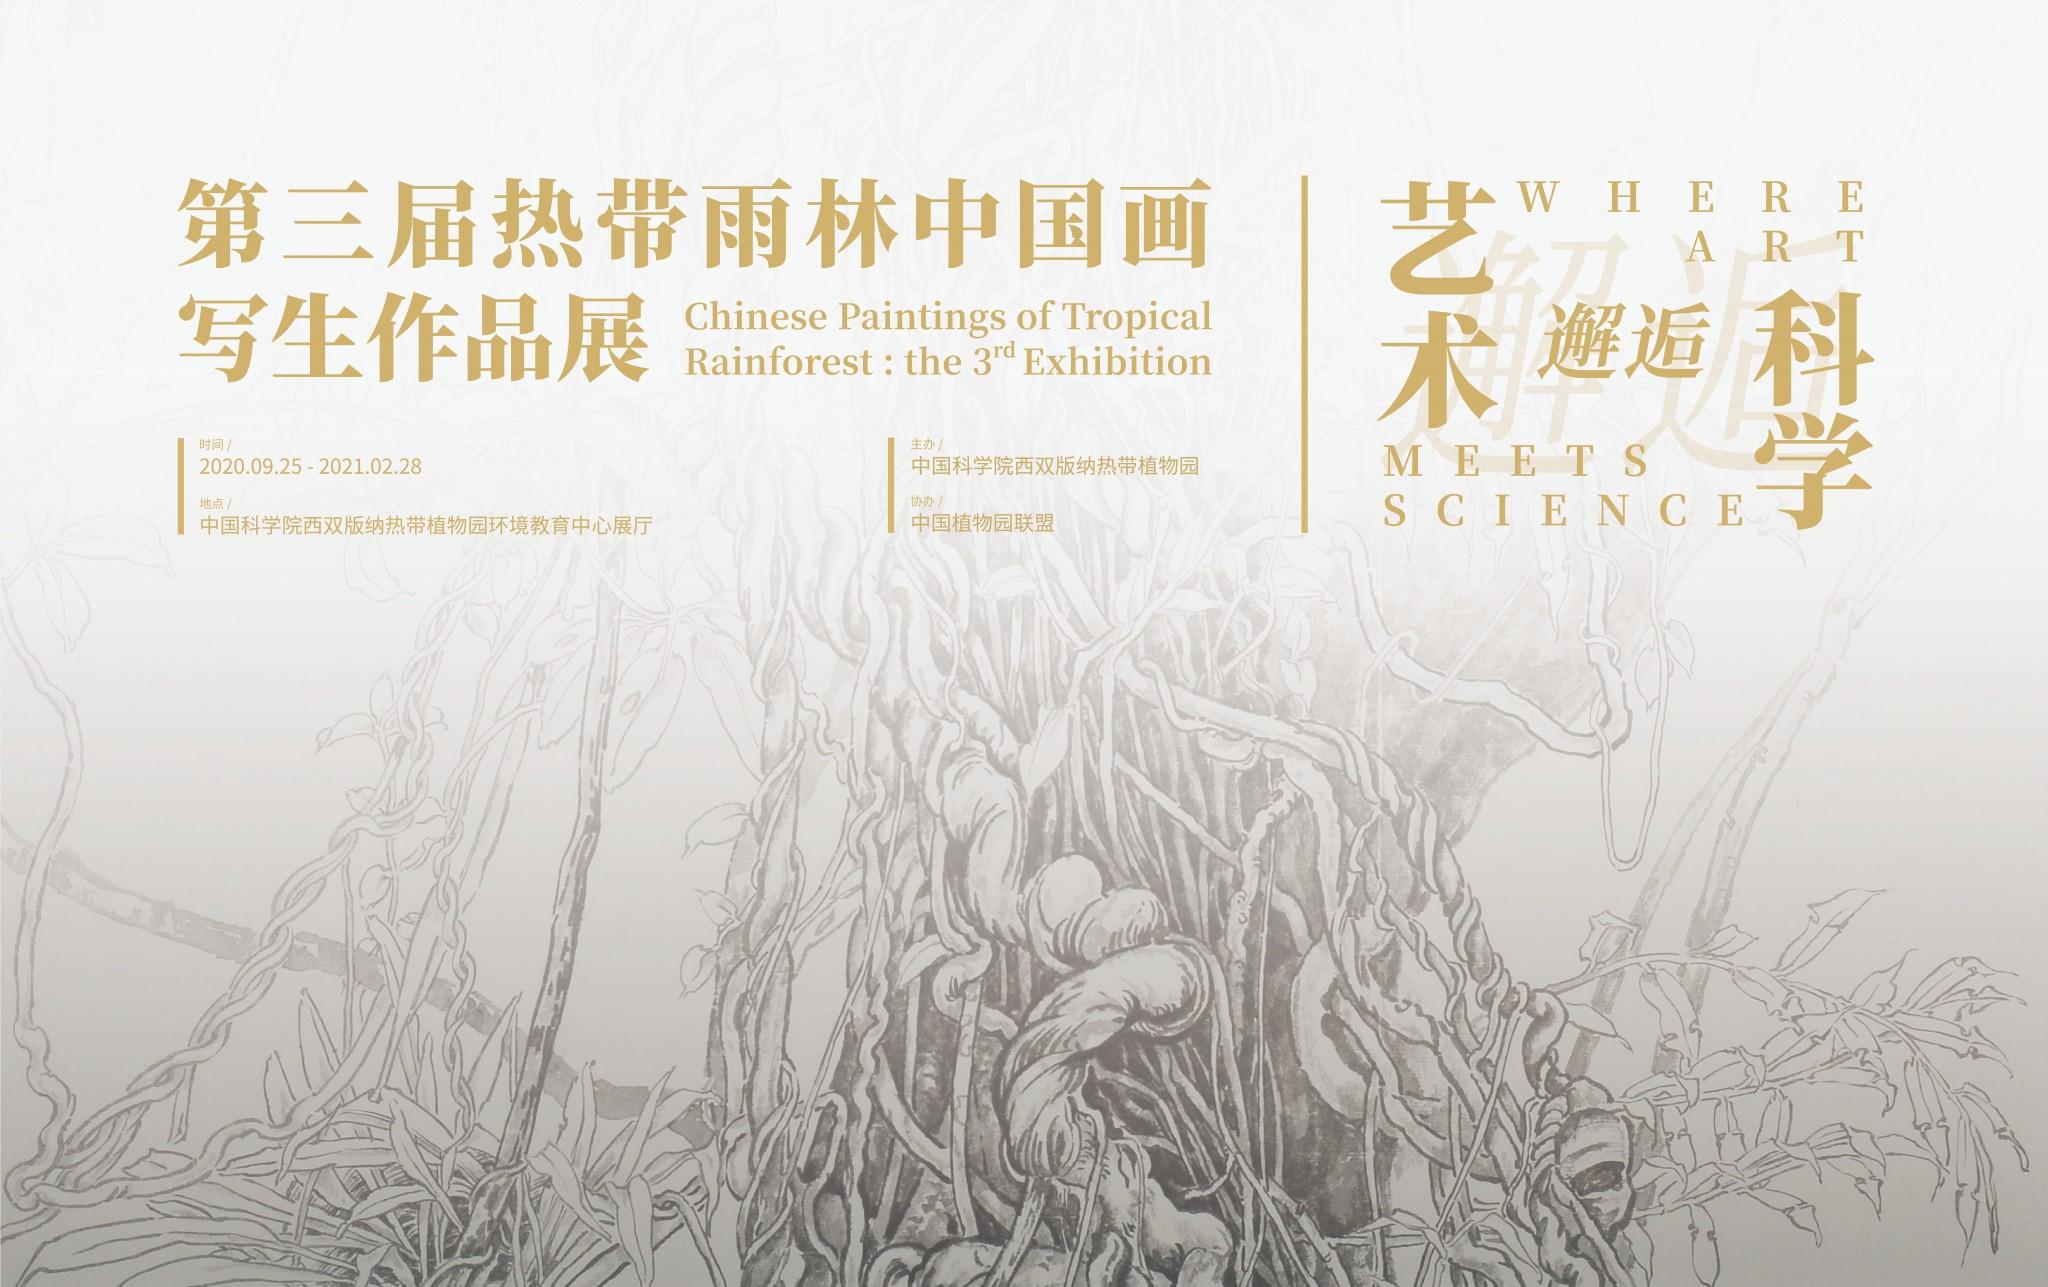 第三届艺术邂逅科学——热带雨林中国画写生作品展